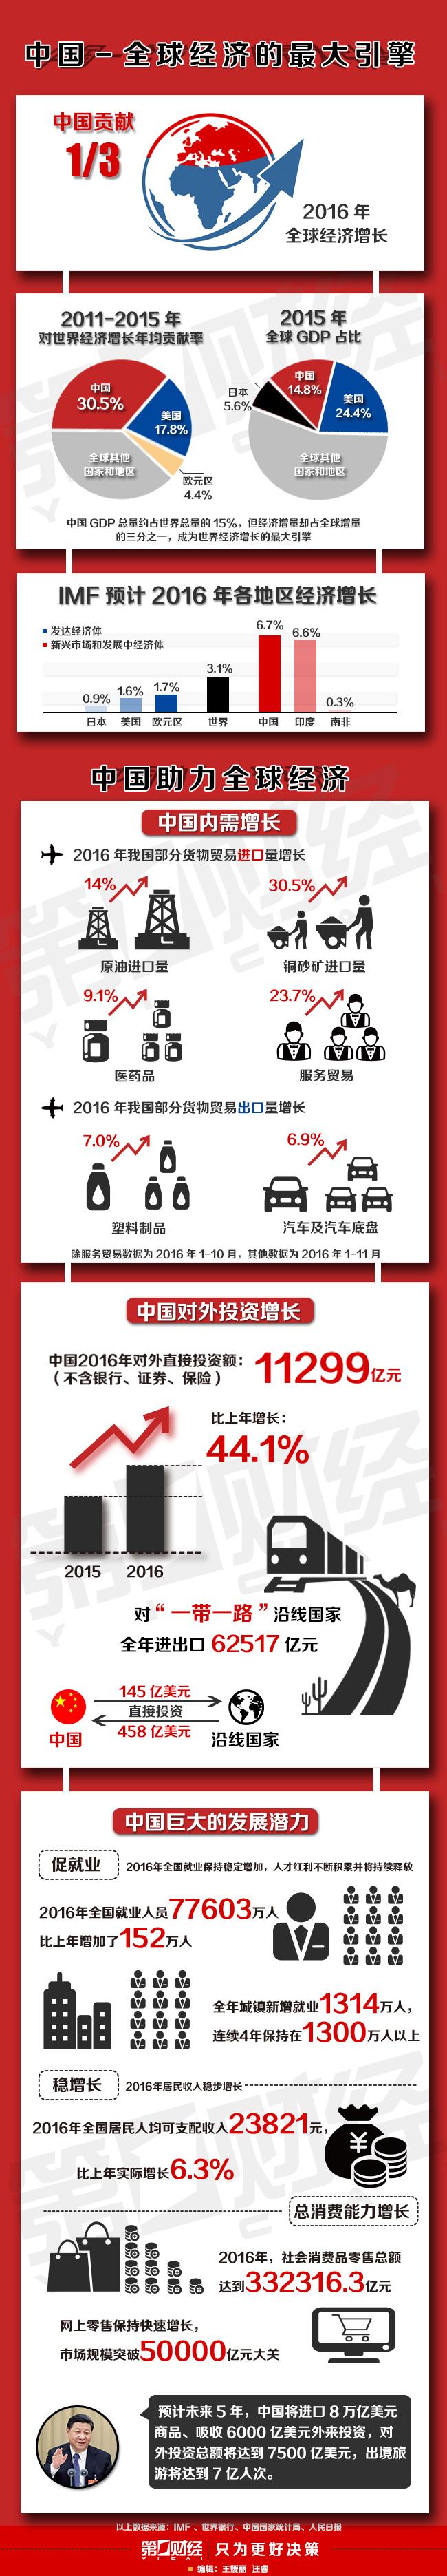 一图解析!中国贡献全球经济1/3新增量